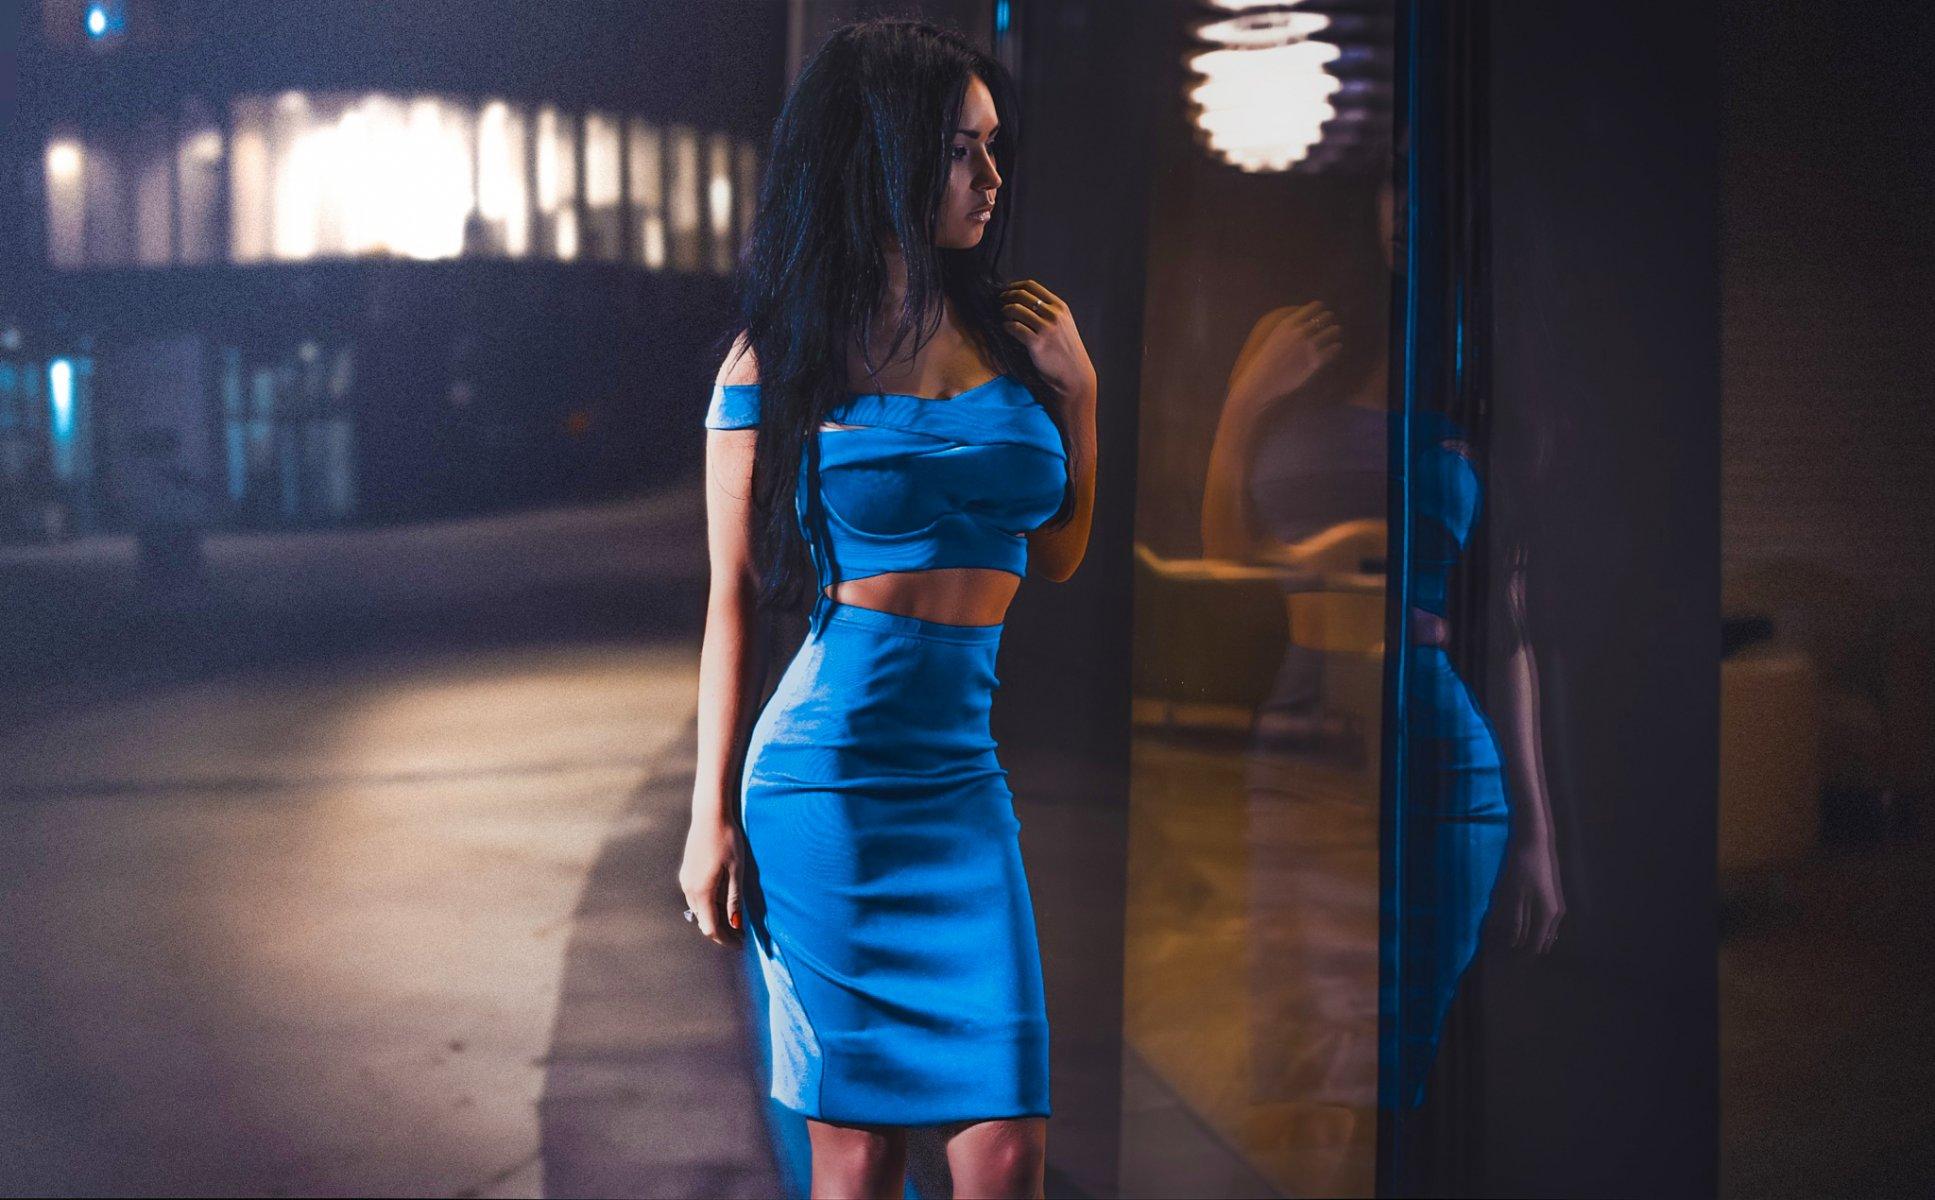 фото девушка брюнетка в платье вечернем потянулась схватила